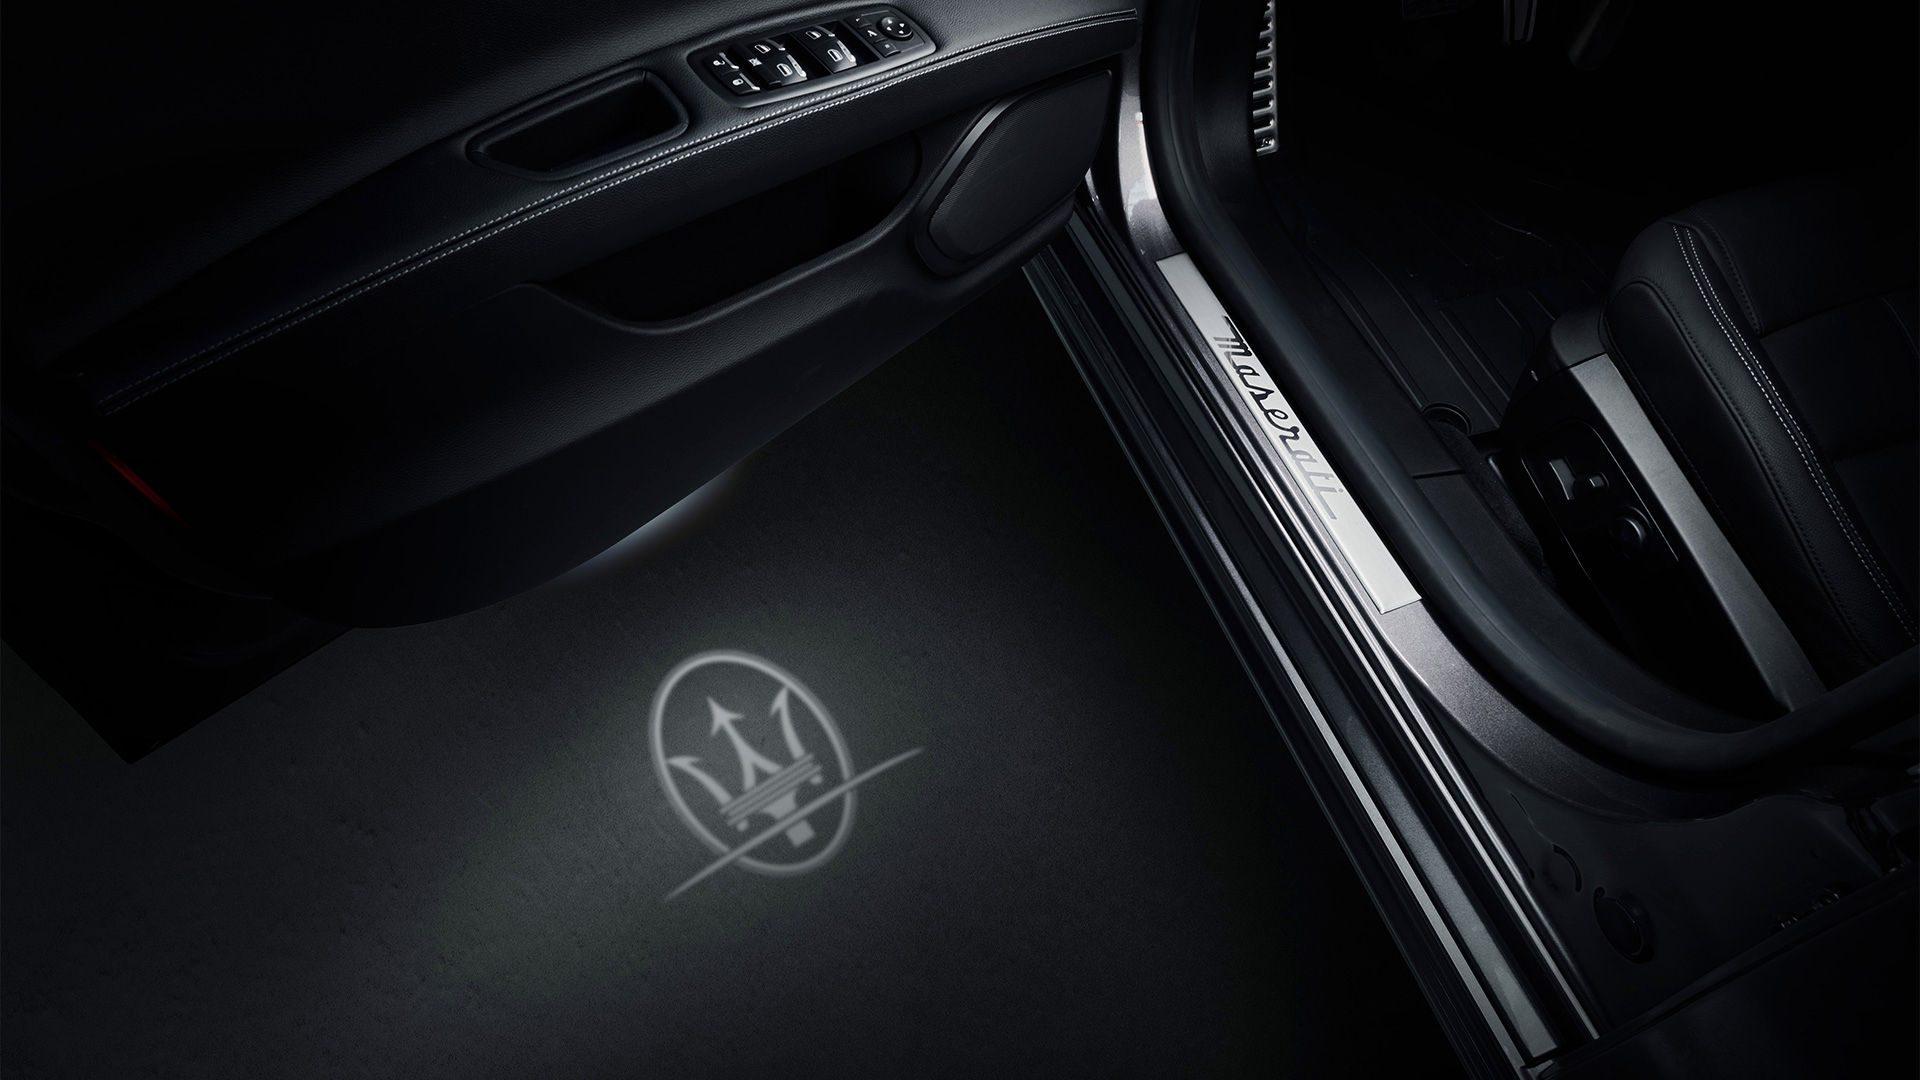 De ultieme personalisatie van jouw Quattroporte! Keuze uit het Maserati- of Tridente-logo om de elegantie en sportiviteit extra te benadrukken.